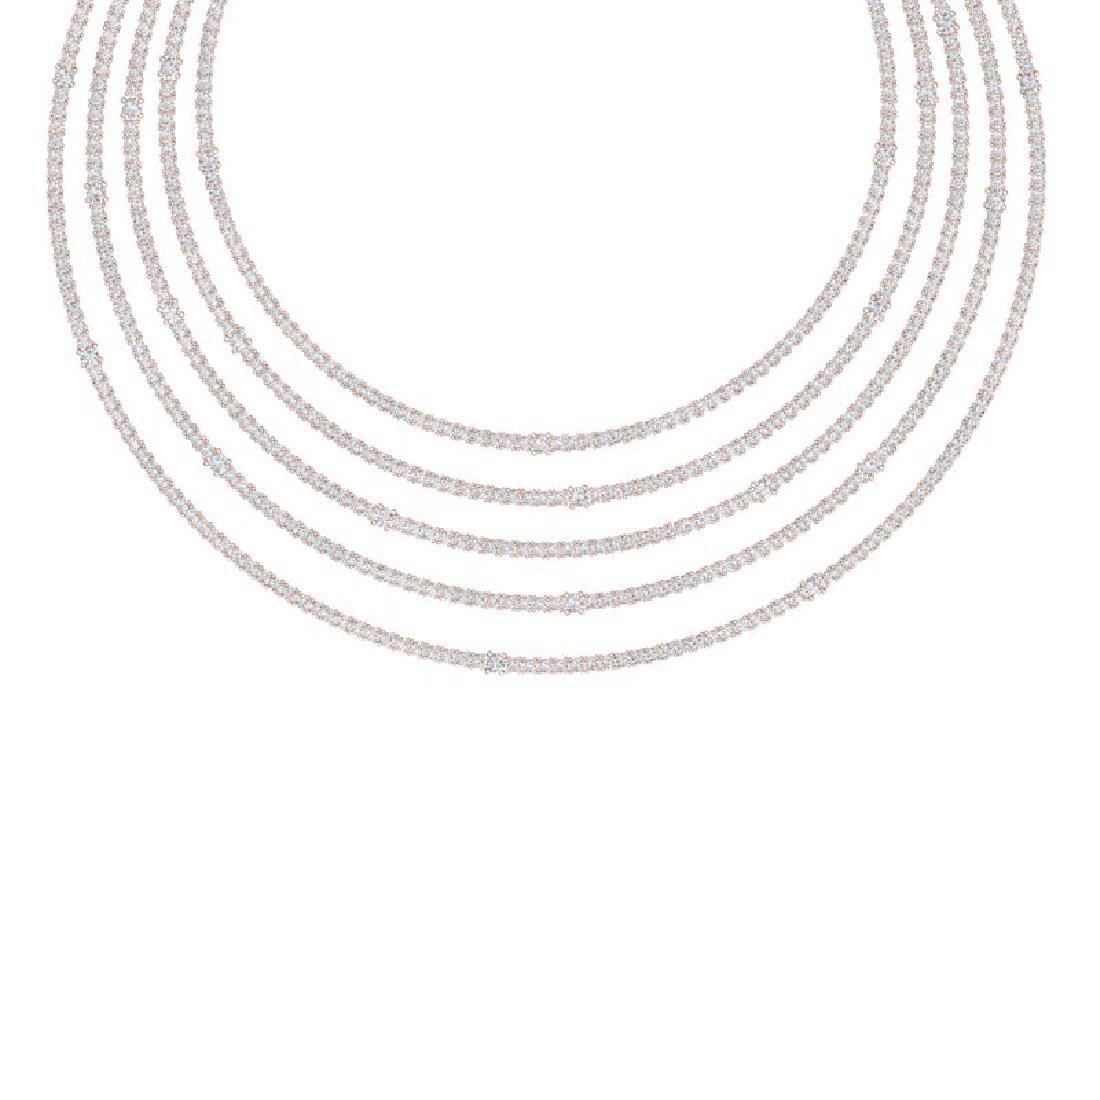 60 CTW Certified VS/SI Diamond Love Necklace 18K Rose